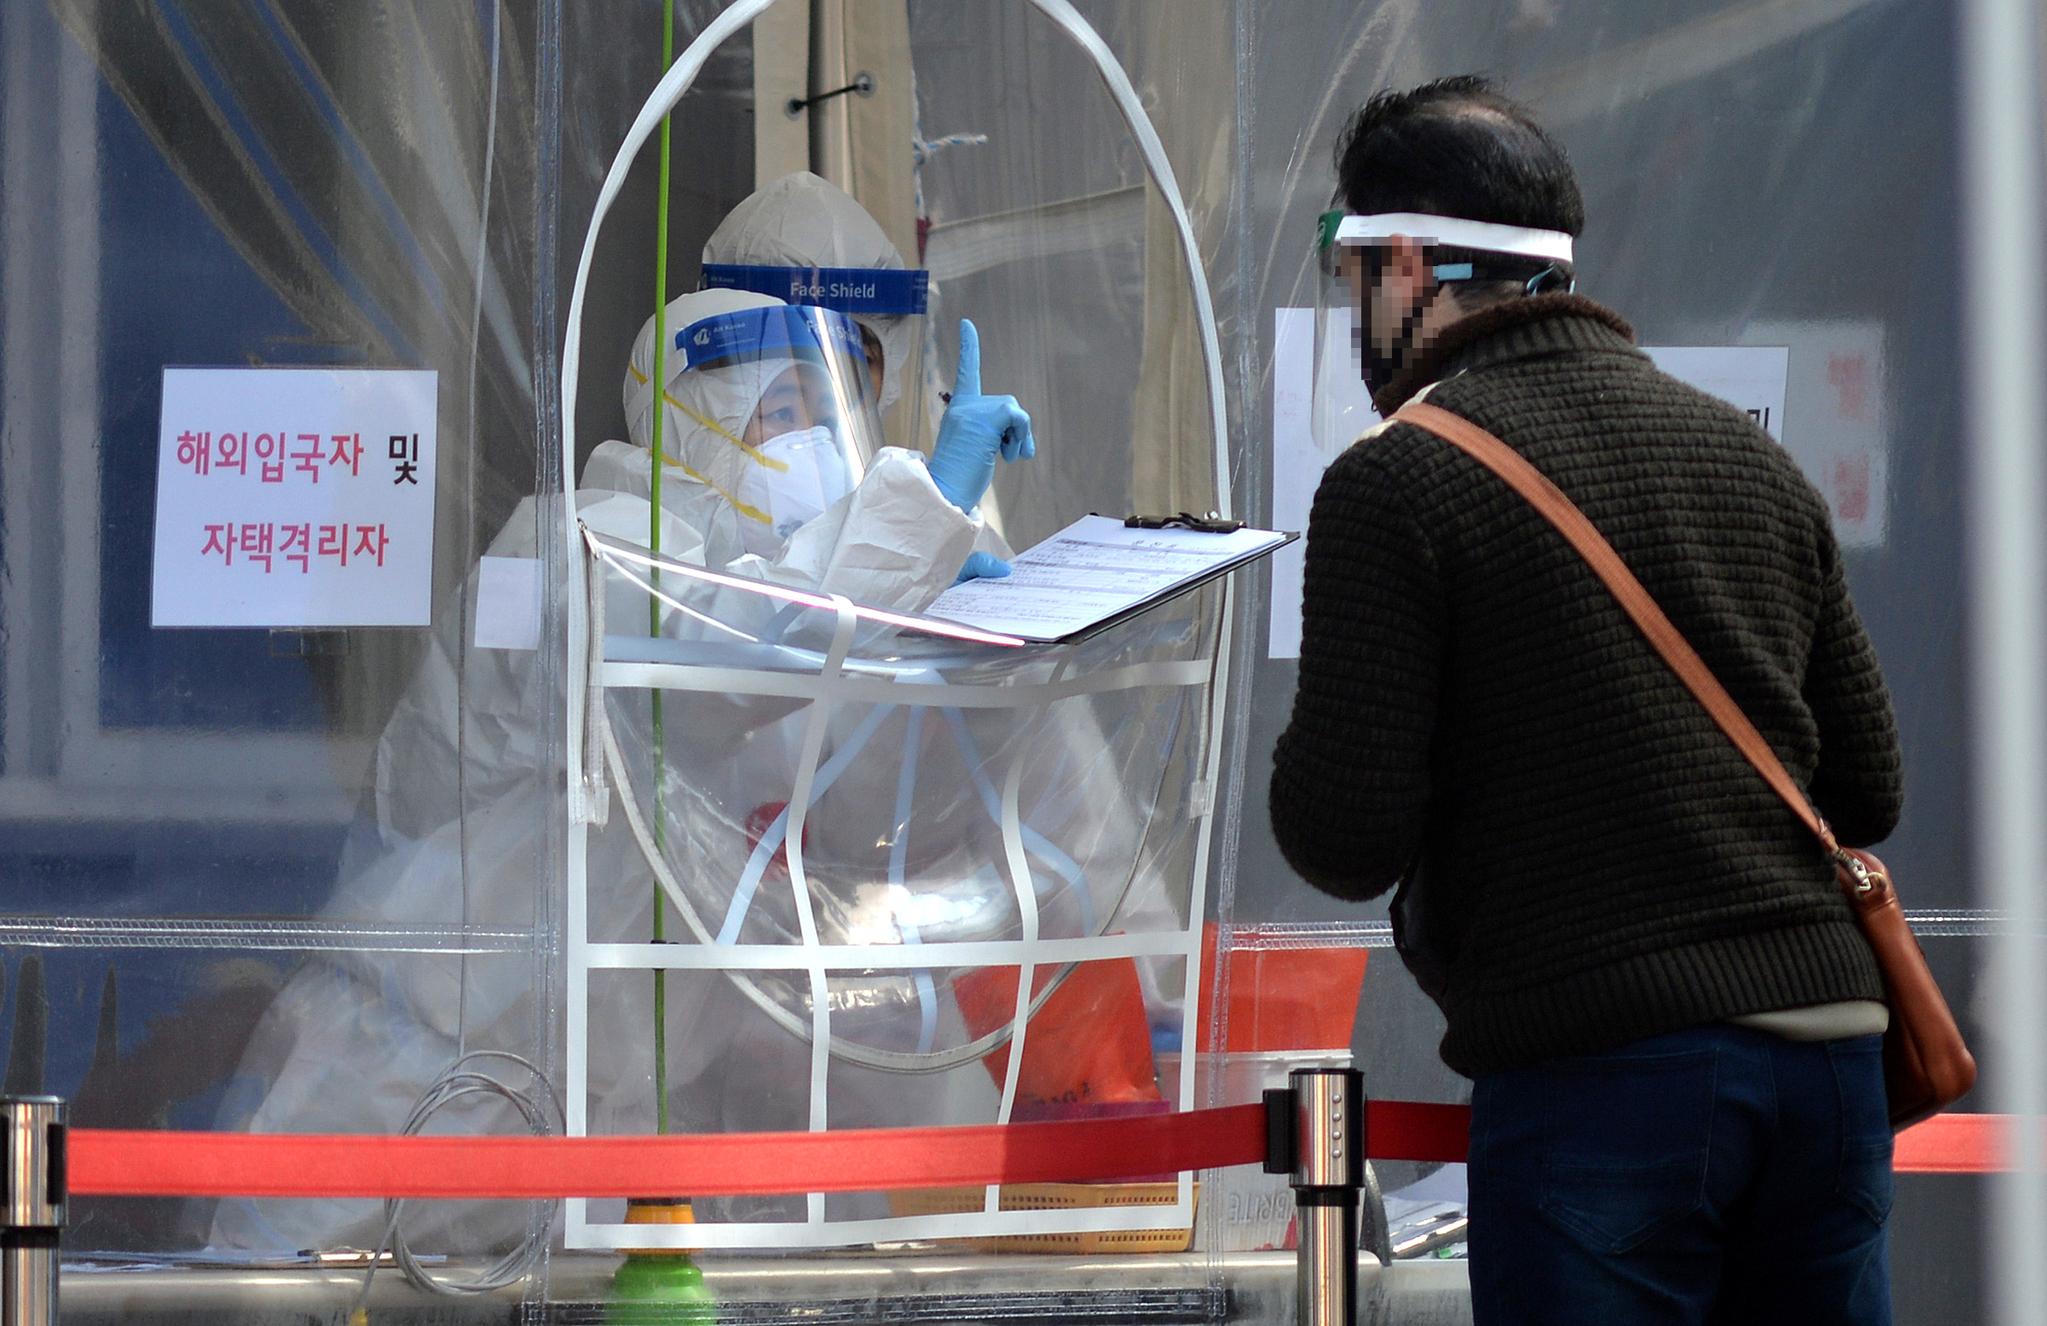 신종 코로나바이러스 감염증(코로나19)이 확산하고 있는 가운데 22일 대전의 한 보건소 코로나19 선별진료소에서 의료진들이 방문한 시민들을 분주히 검사하고 있다. 증앙포토